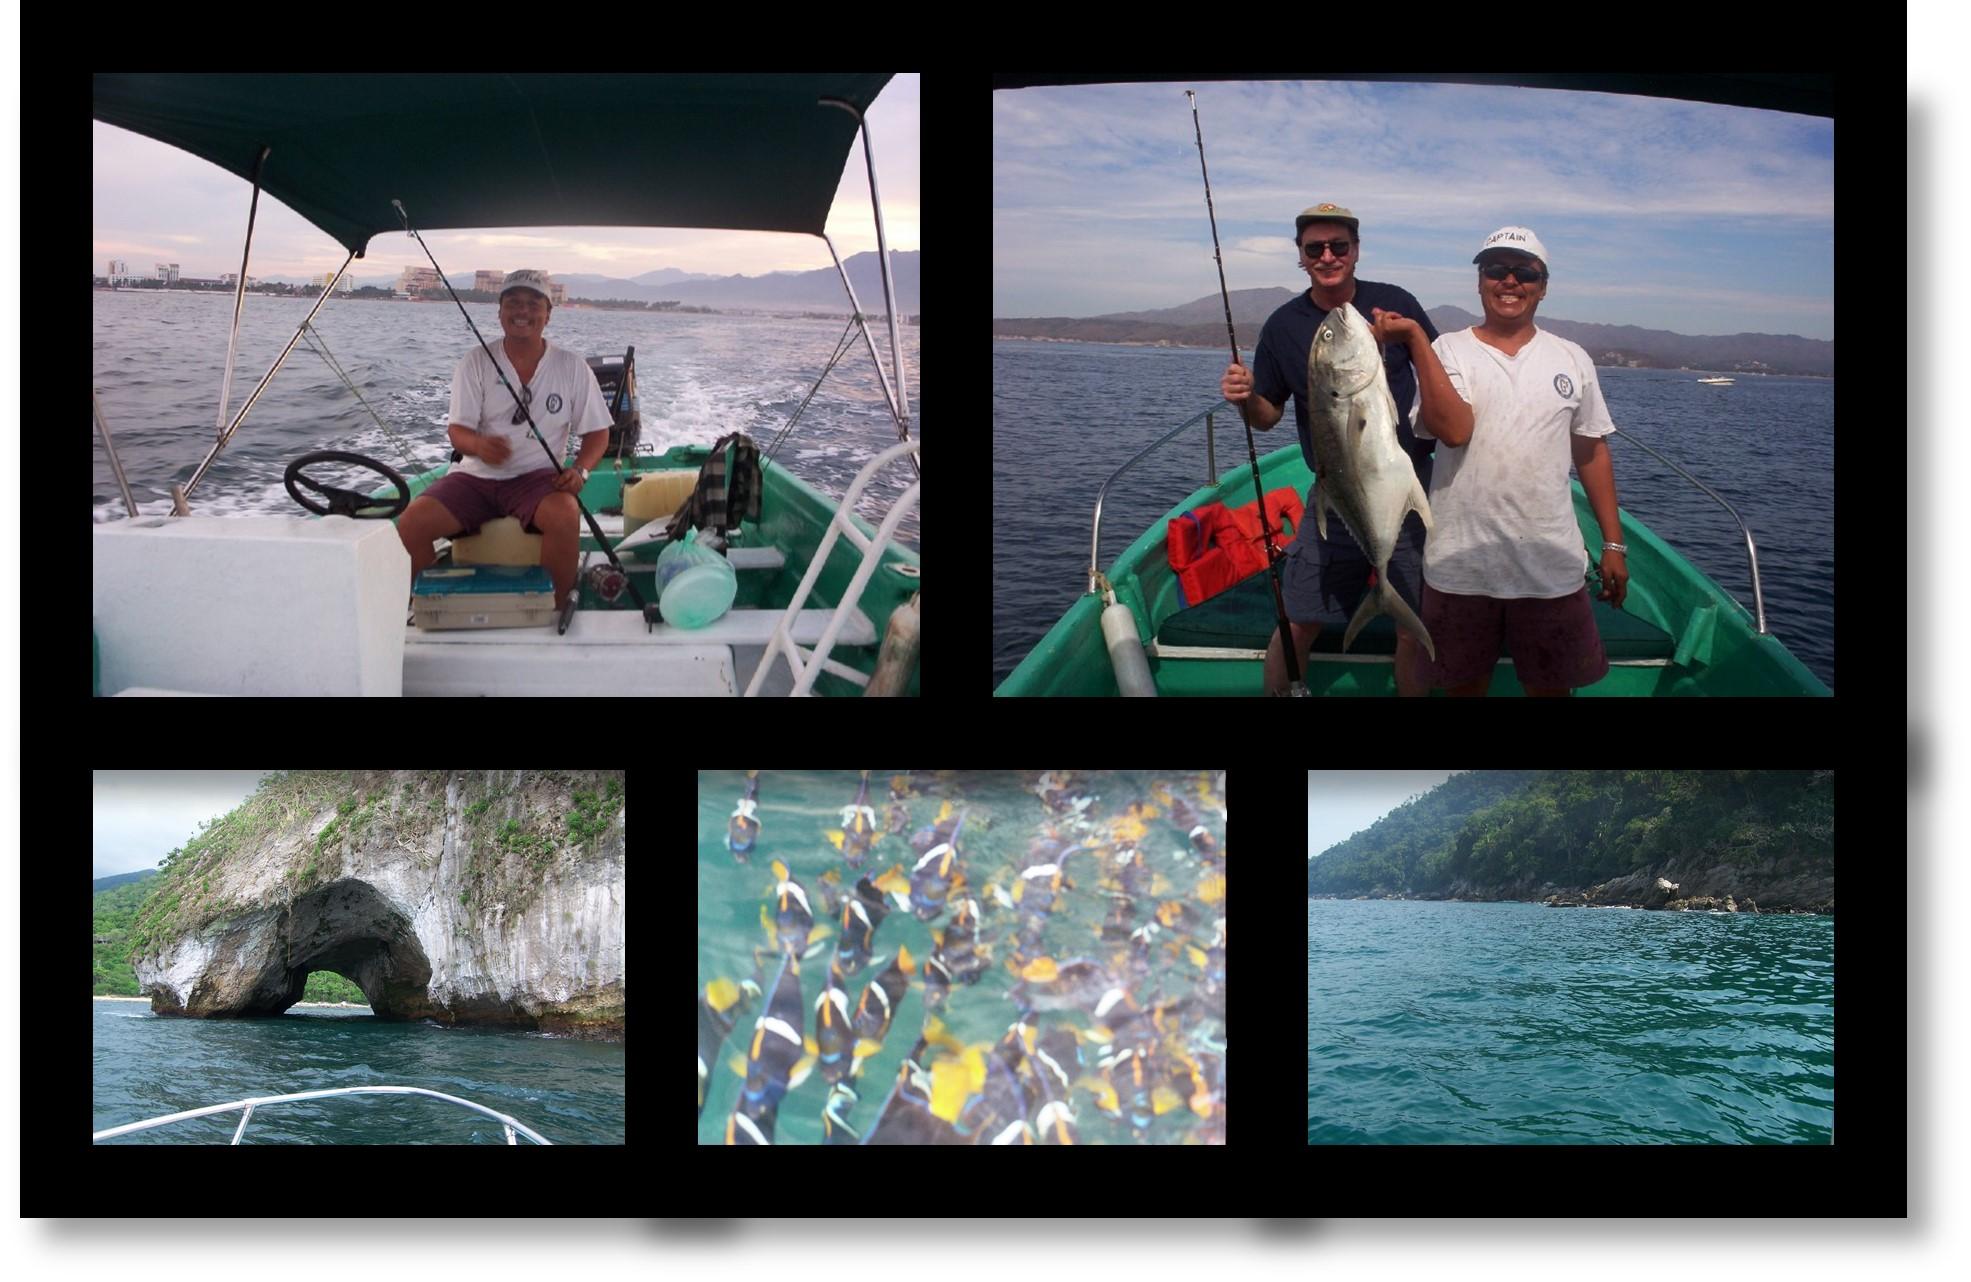 Deep sea fishing puerto vallarta banderas bay and sayulita for Deep sea fishing puerto vallarta